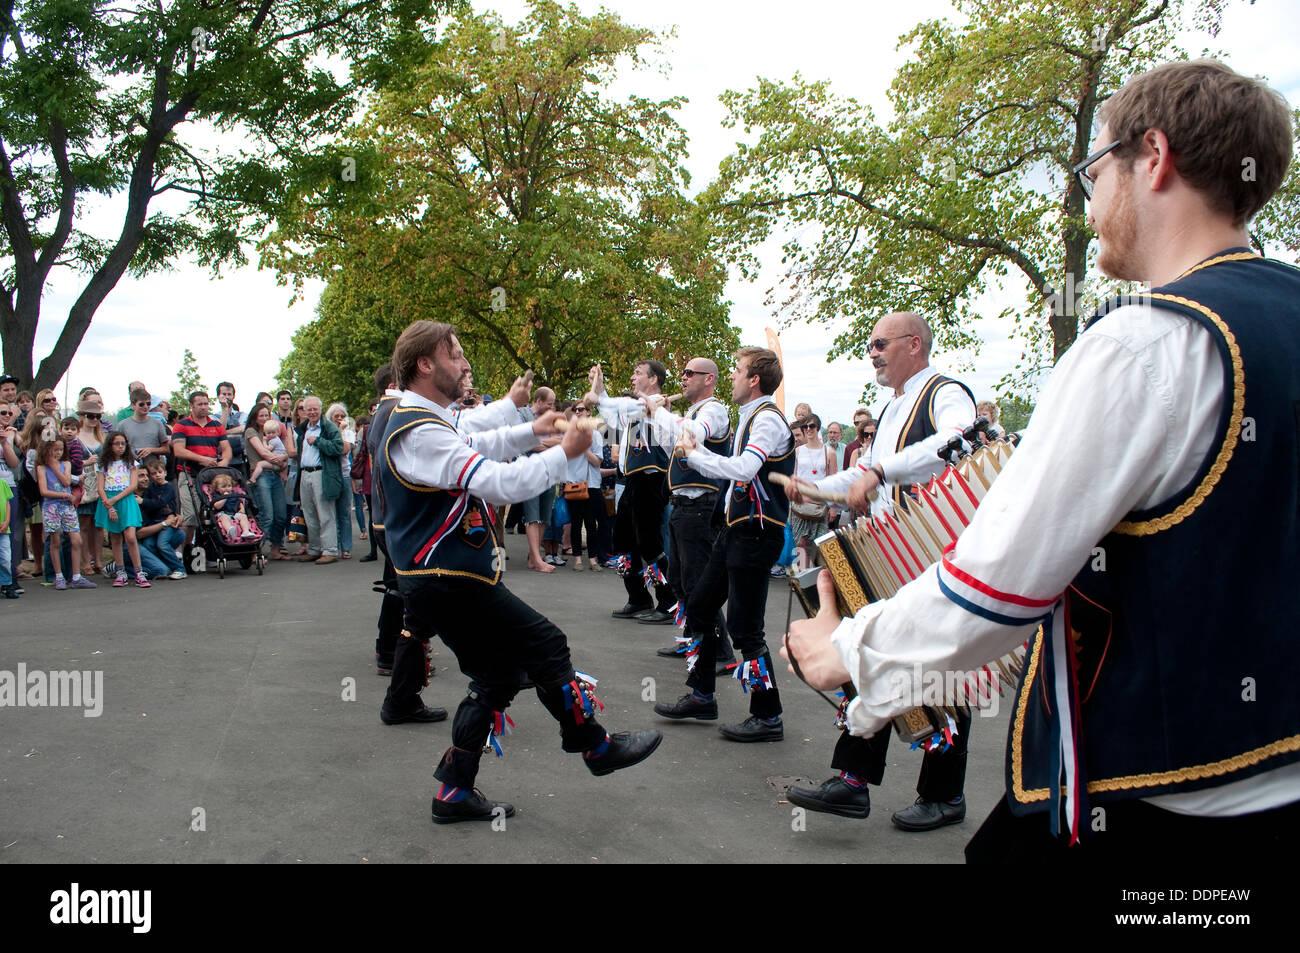 Morris dancing, Lambeth Country Show 2013, Brockwell Park, London, UK - Stock Image